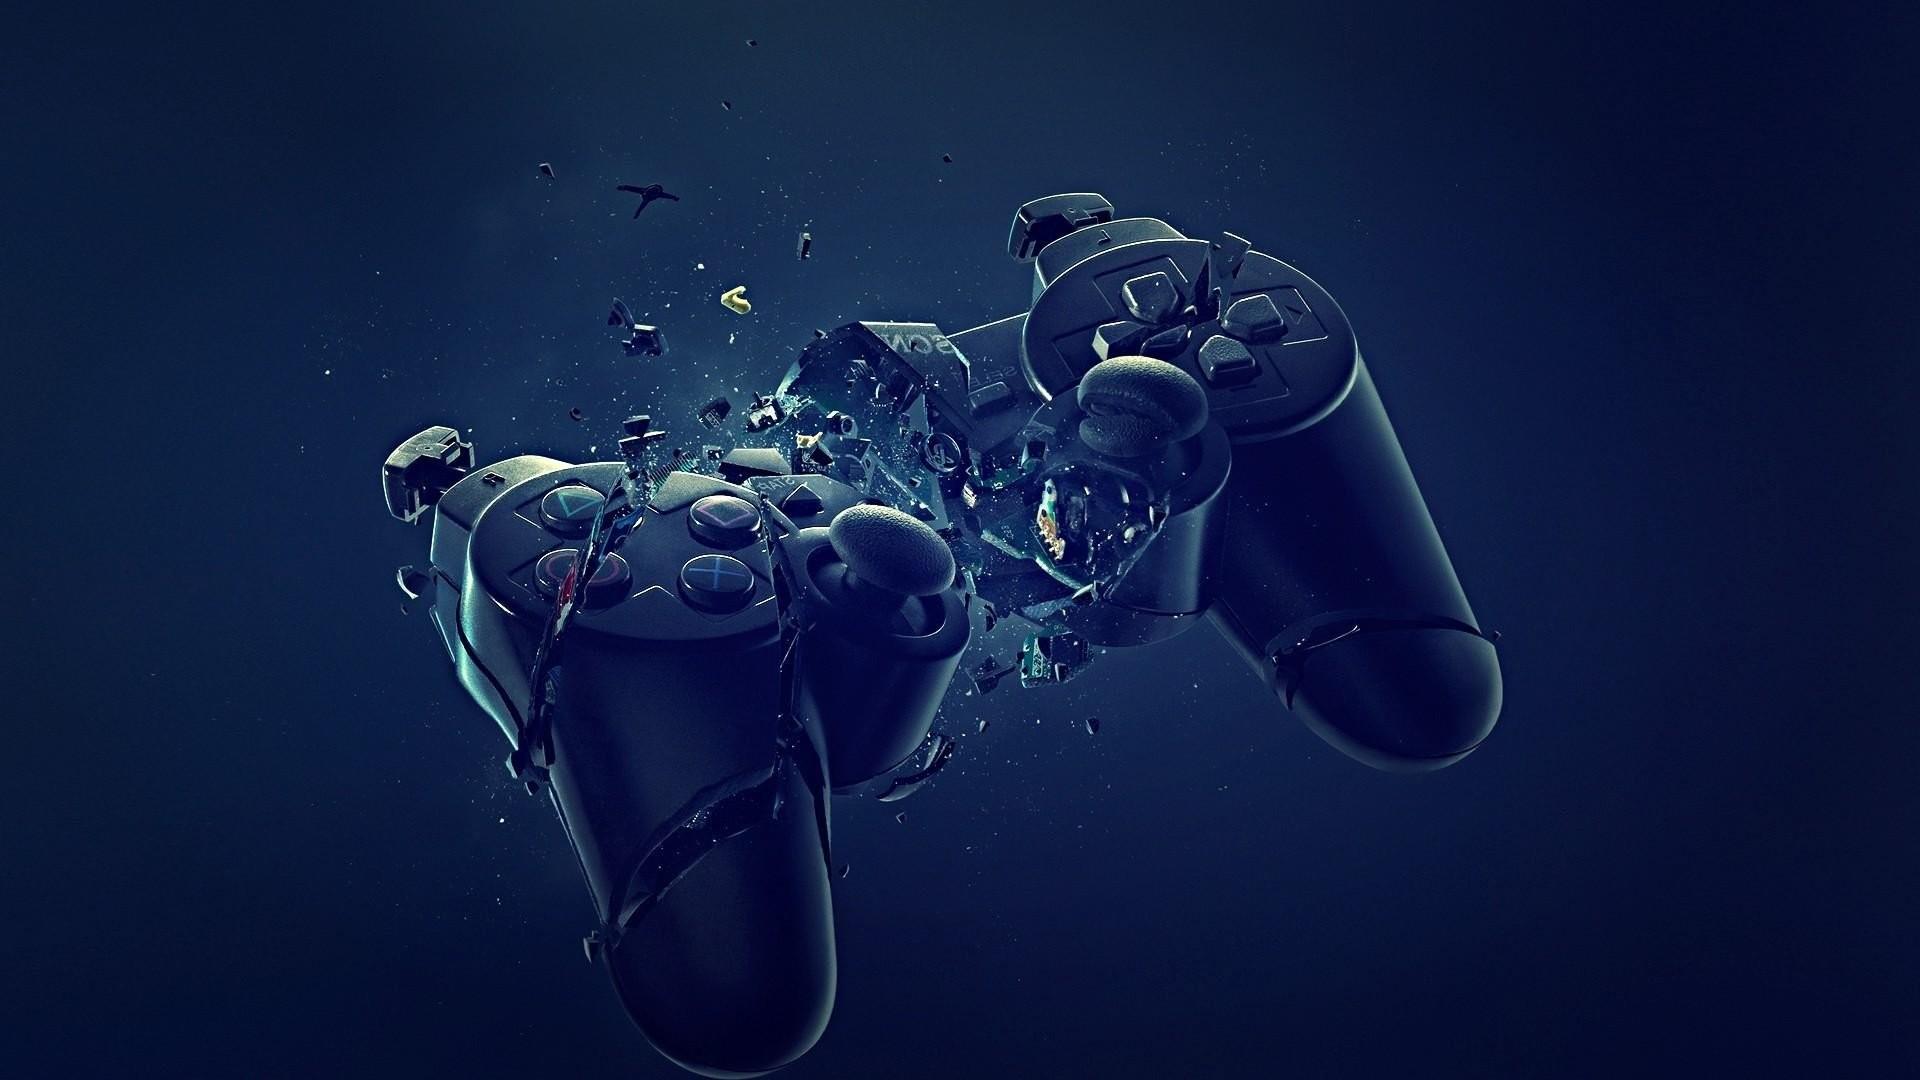 Abstract blue black dark broken PlayStation joysticks controller wallpaper      301242   WallpaperUP